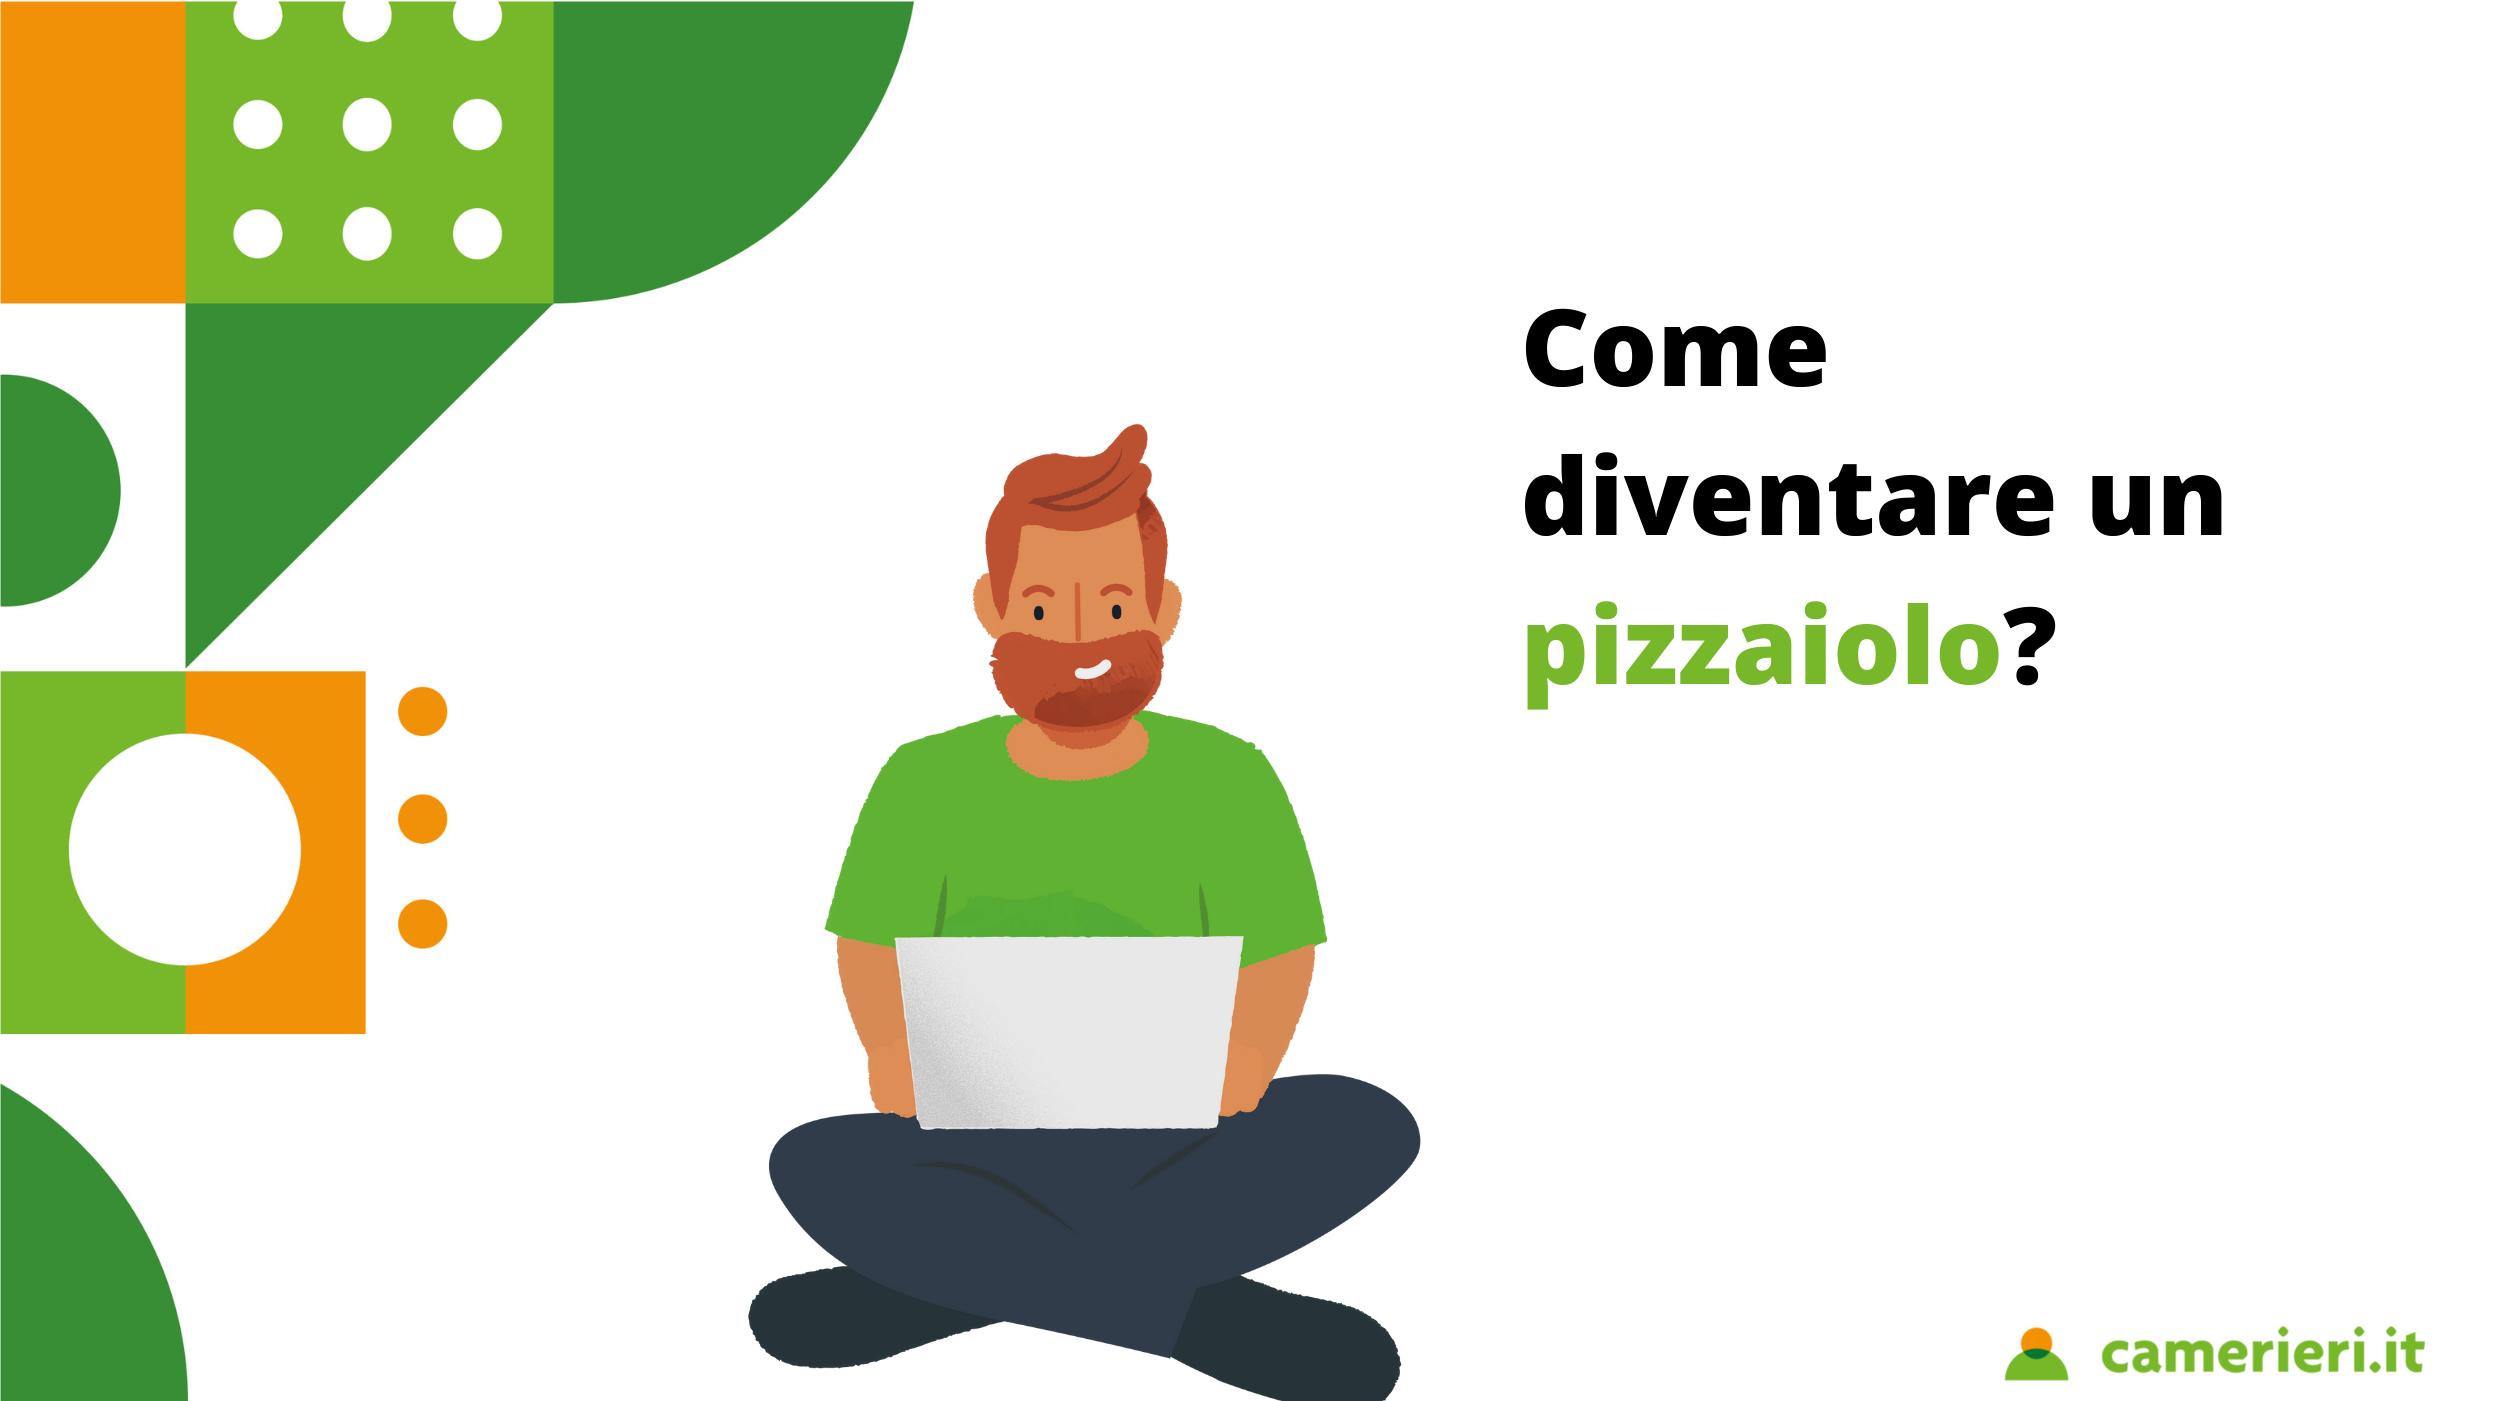 Come diventare un pizzaiolo